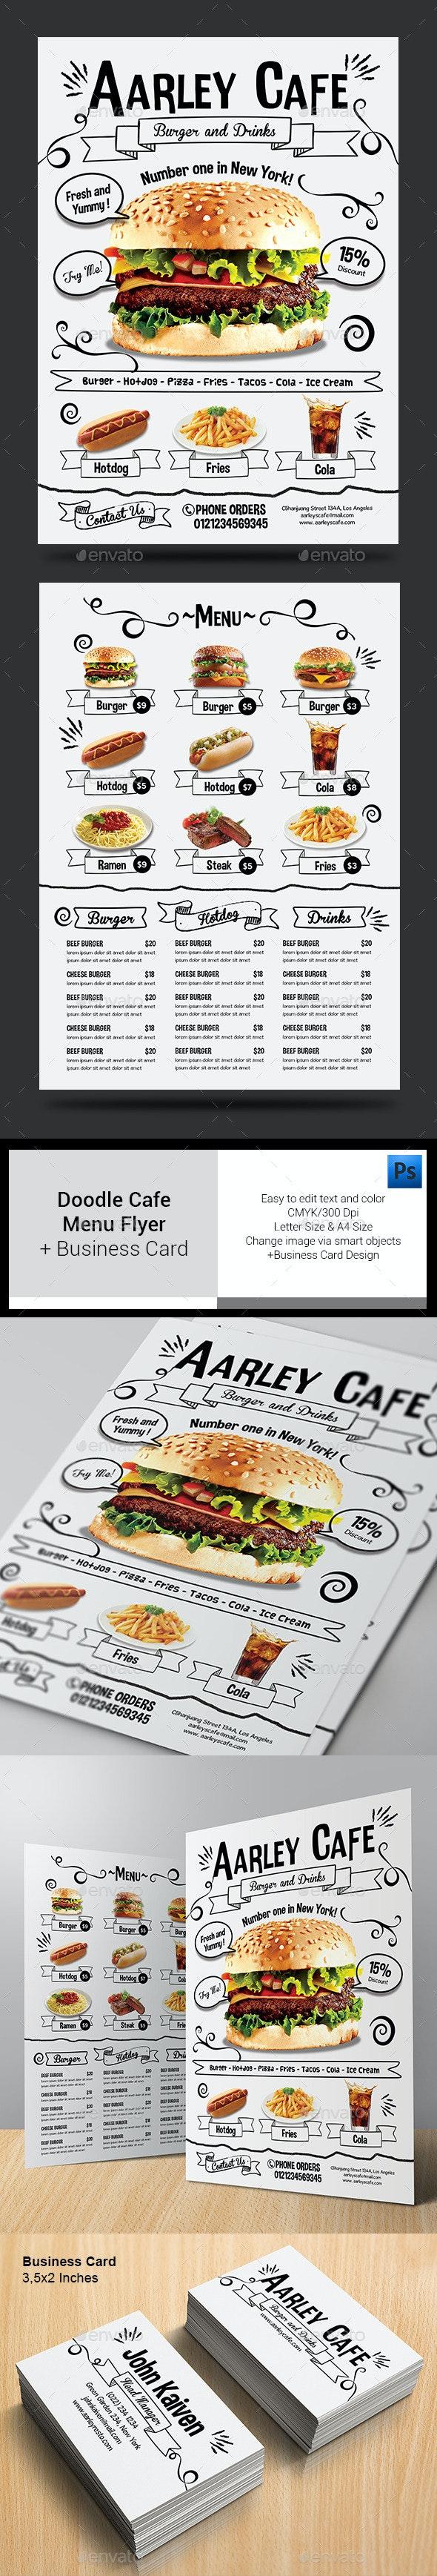 Doodle Cafe Menu + Business Card - Food Menus Print Templates